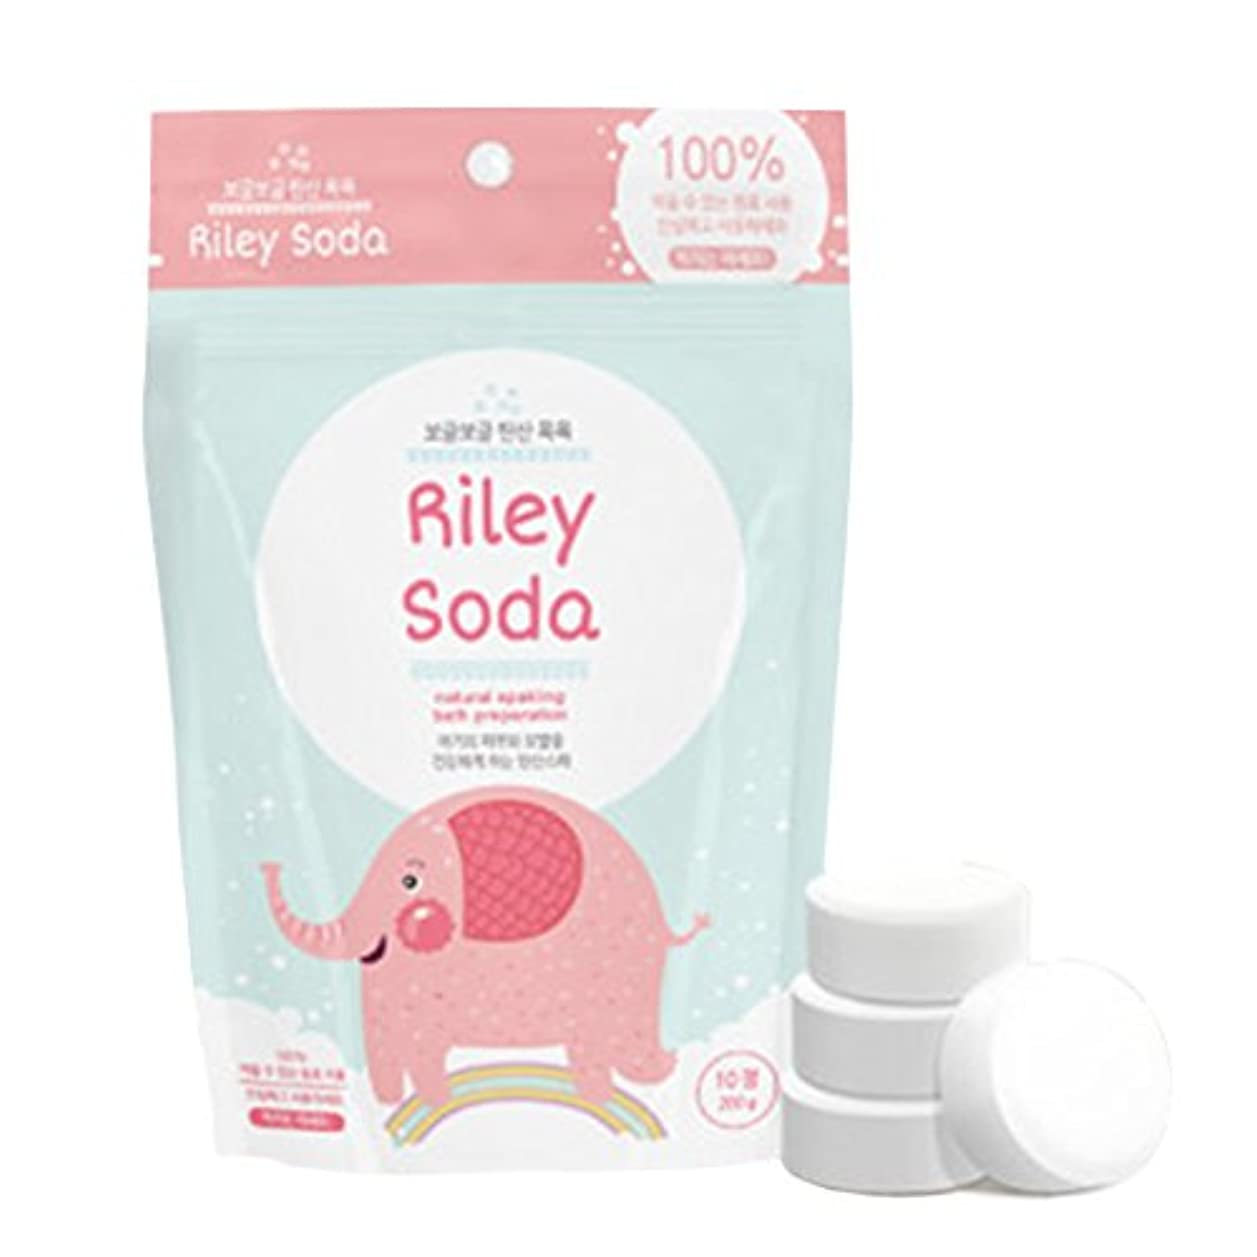 ちょっと待って月シロクマ(リリーソ-ダ) Riley Soda アトピー赤ちゃん用炭酸温泉入浴剤 (10錠) [並行輸入品]